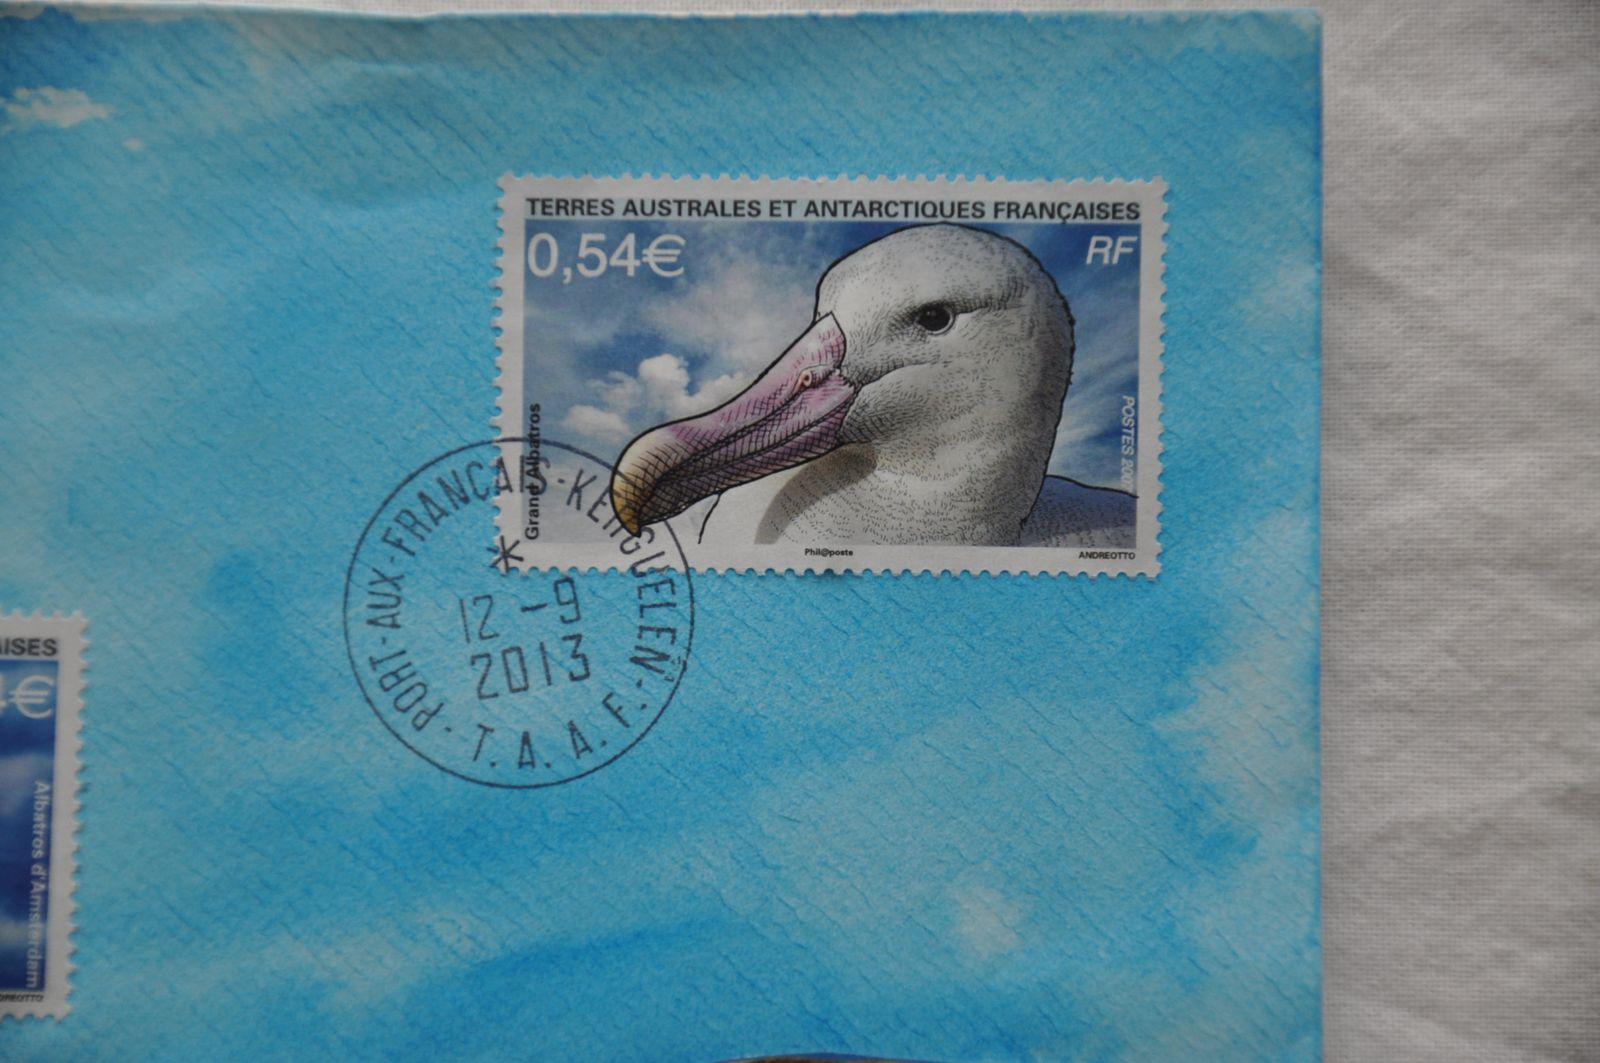 Merci à Danielle Roy pour cette enveloppe très spéciale! En effet, Danielle l'a fait expédier des TAAF (Terres Australes et Antarctiques Françaises). Elles ont ainsi parcouru quelques 20000kms en bateau...Bravo les mouettes et Bravo Danielle!